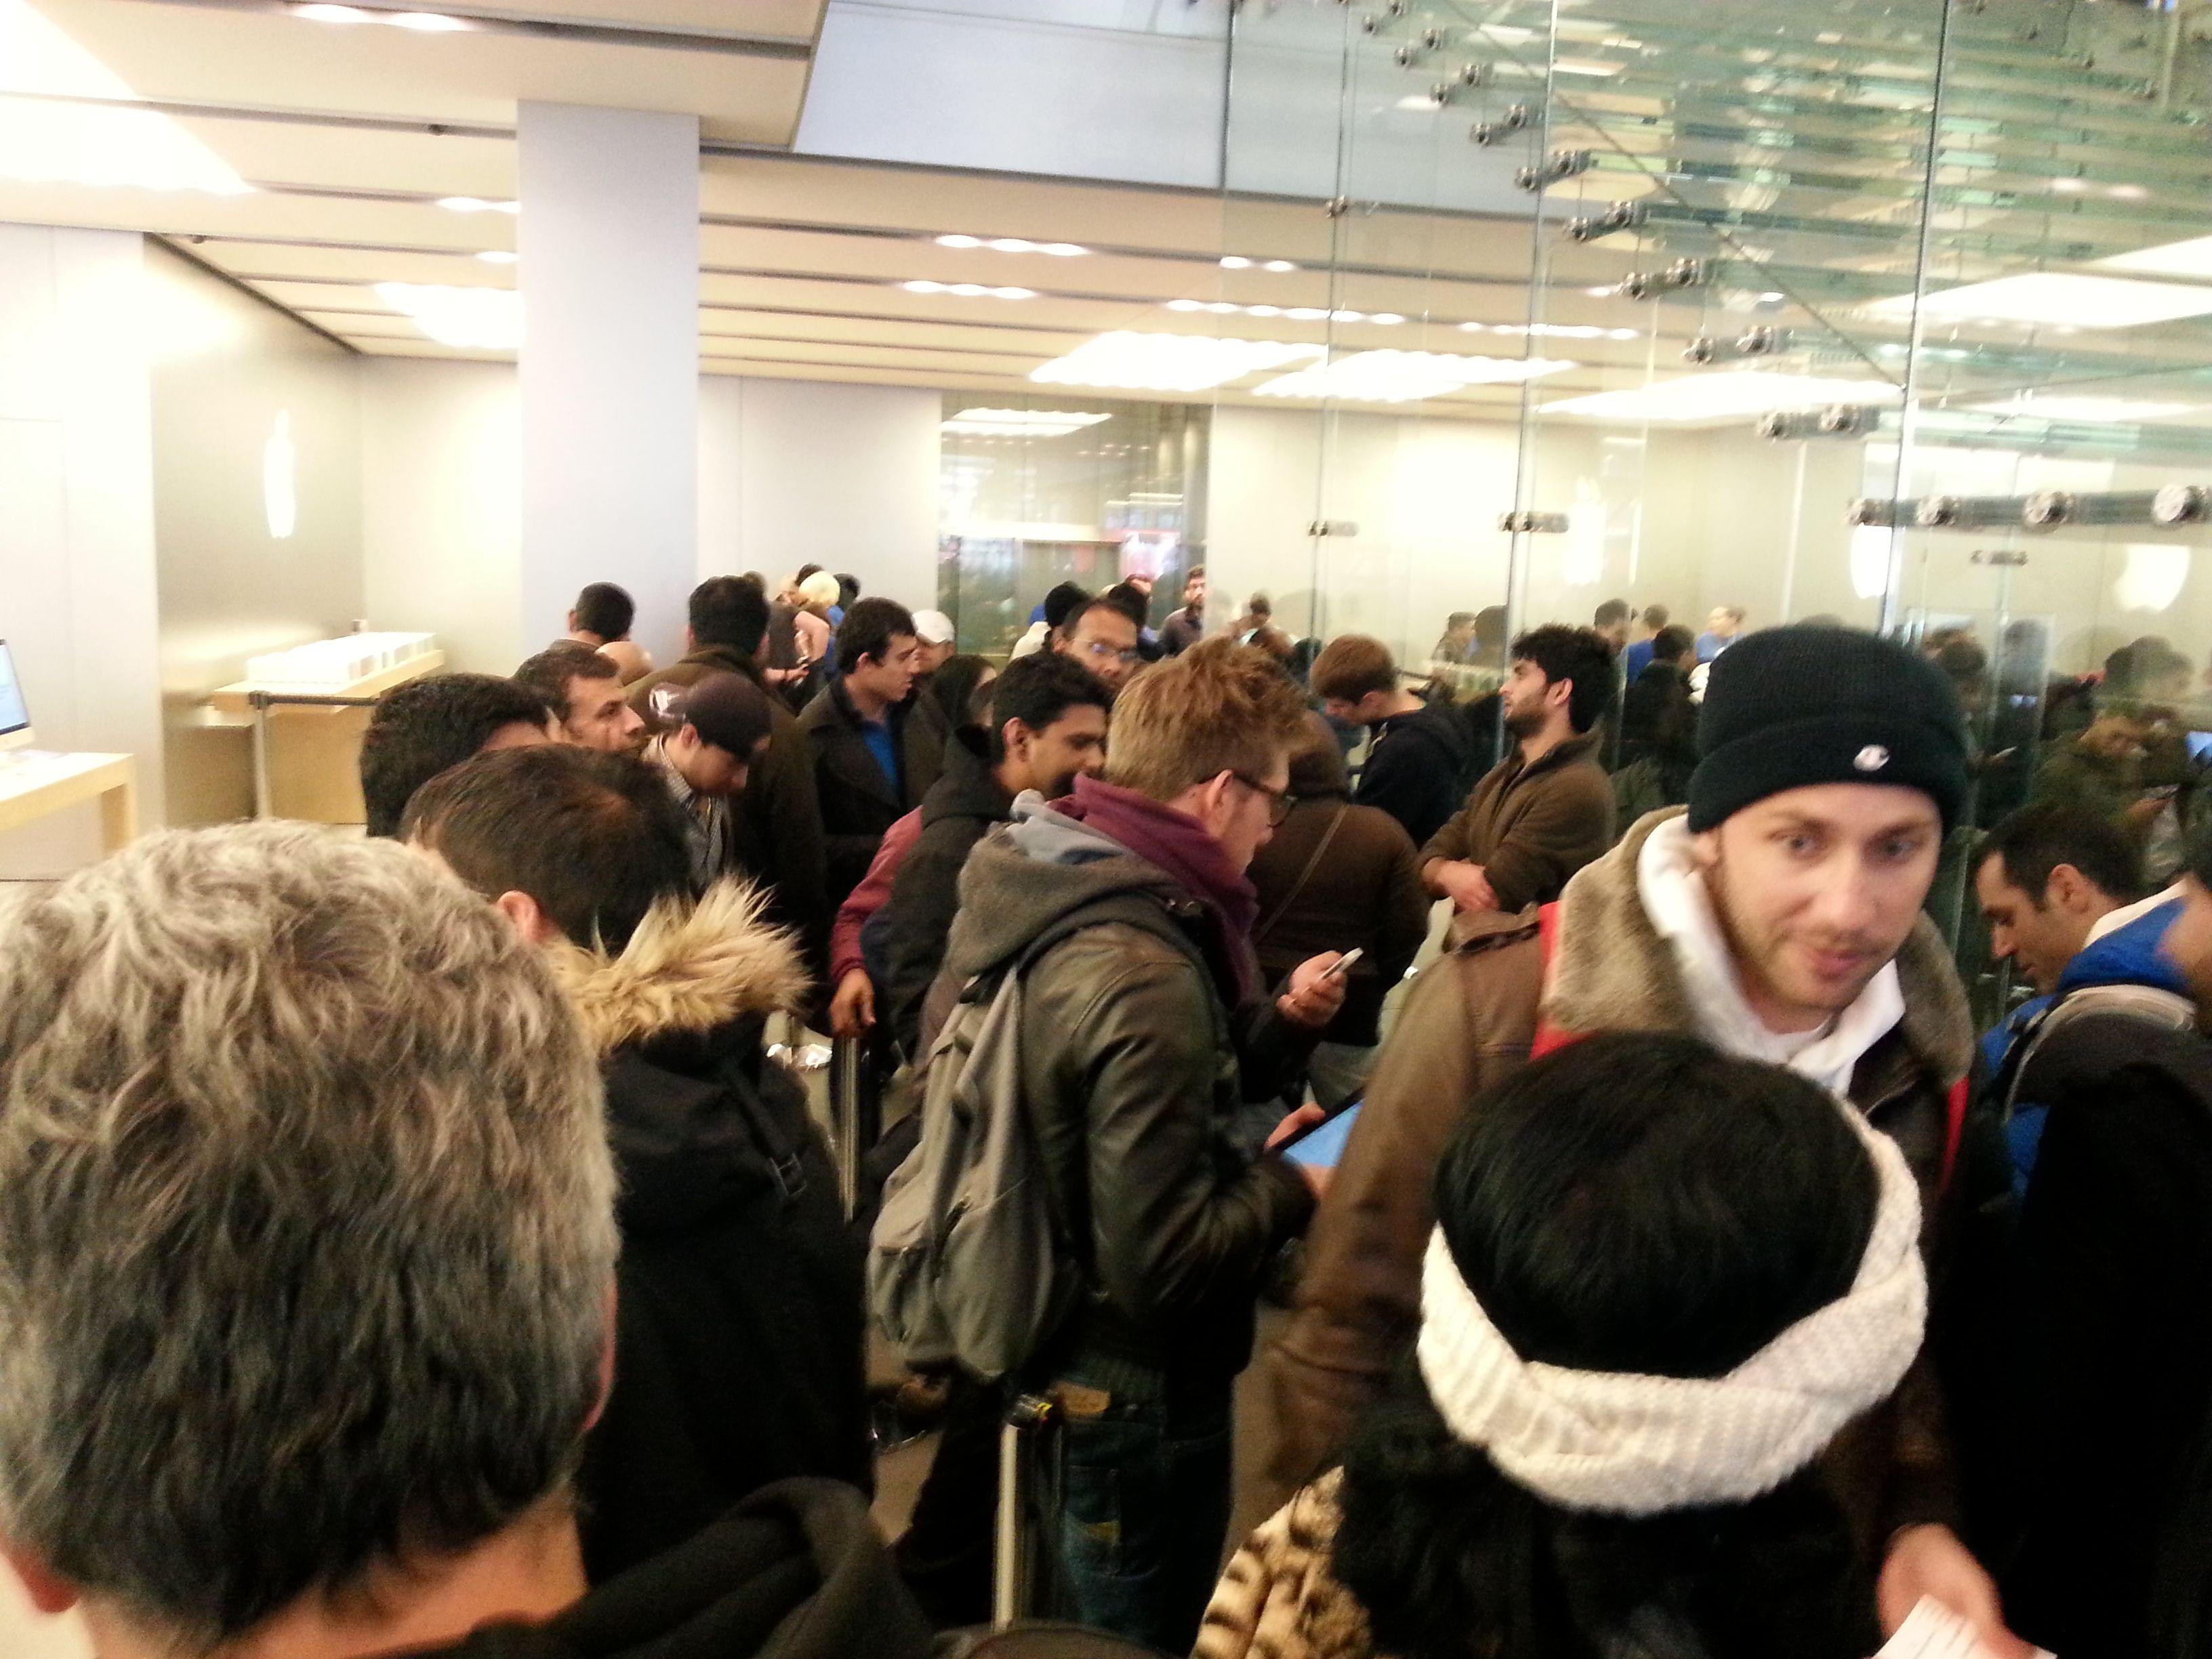 Fullt kaos både innenfor og utenfor butikken.